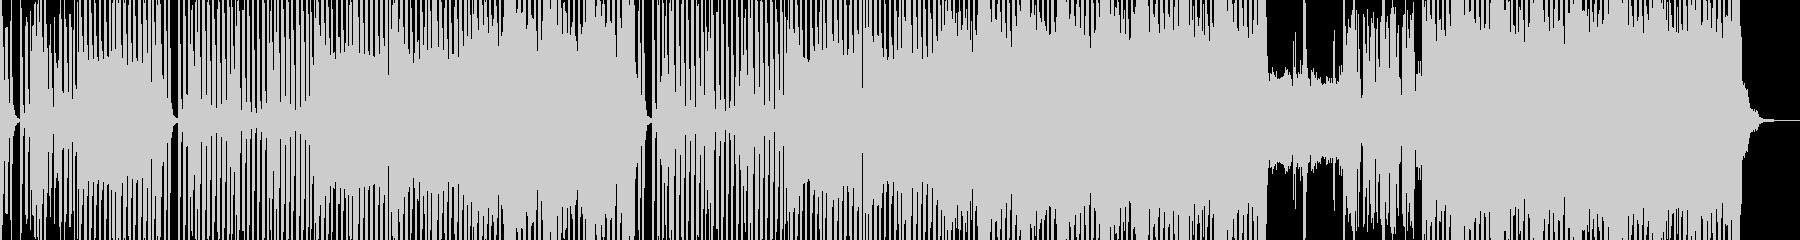 民族楽器・怪しげで恍惚なテクノ ボイス有の未再生の波形